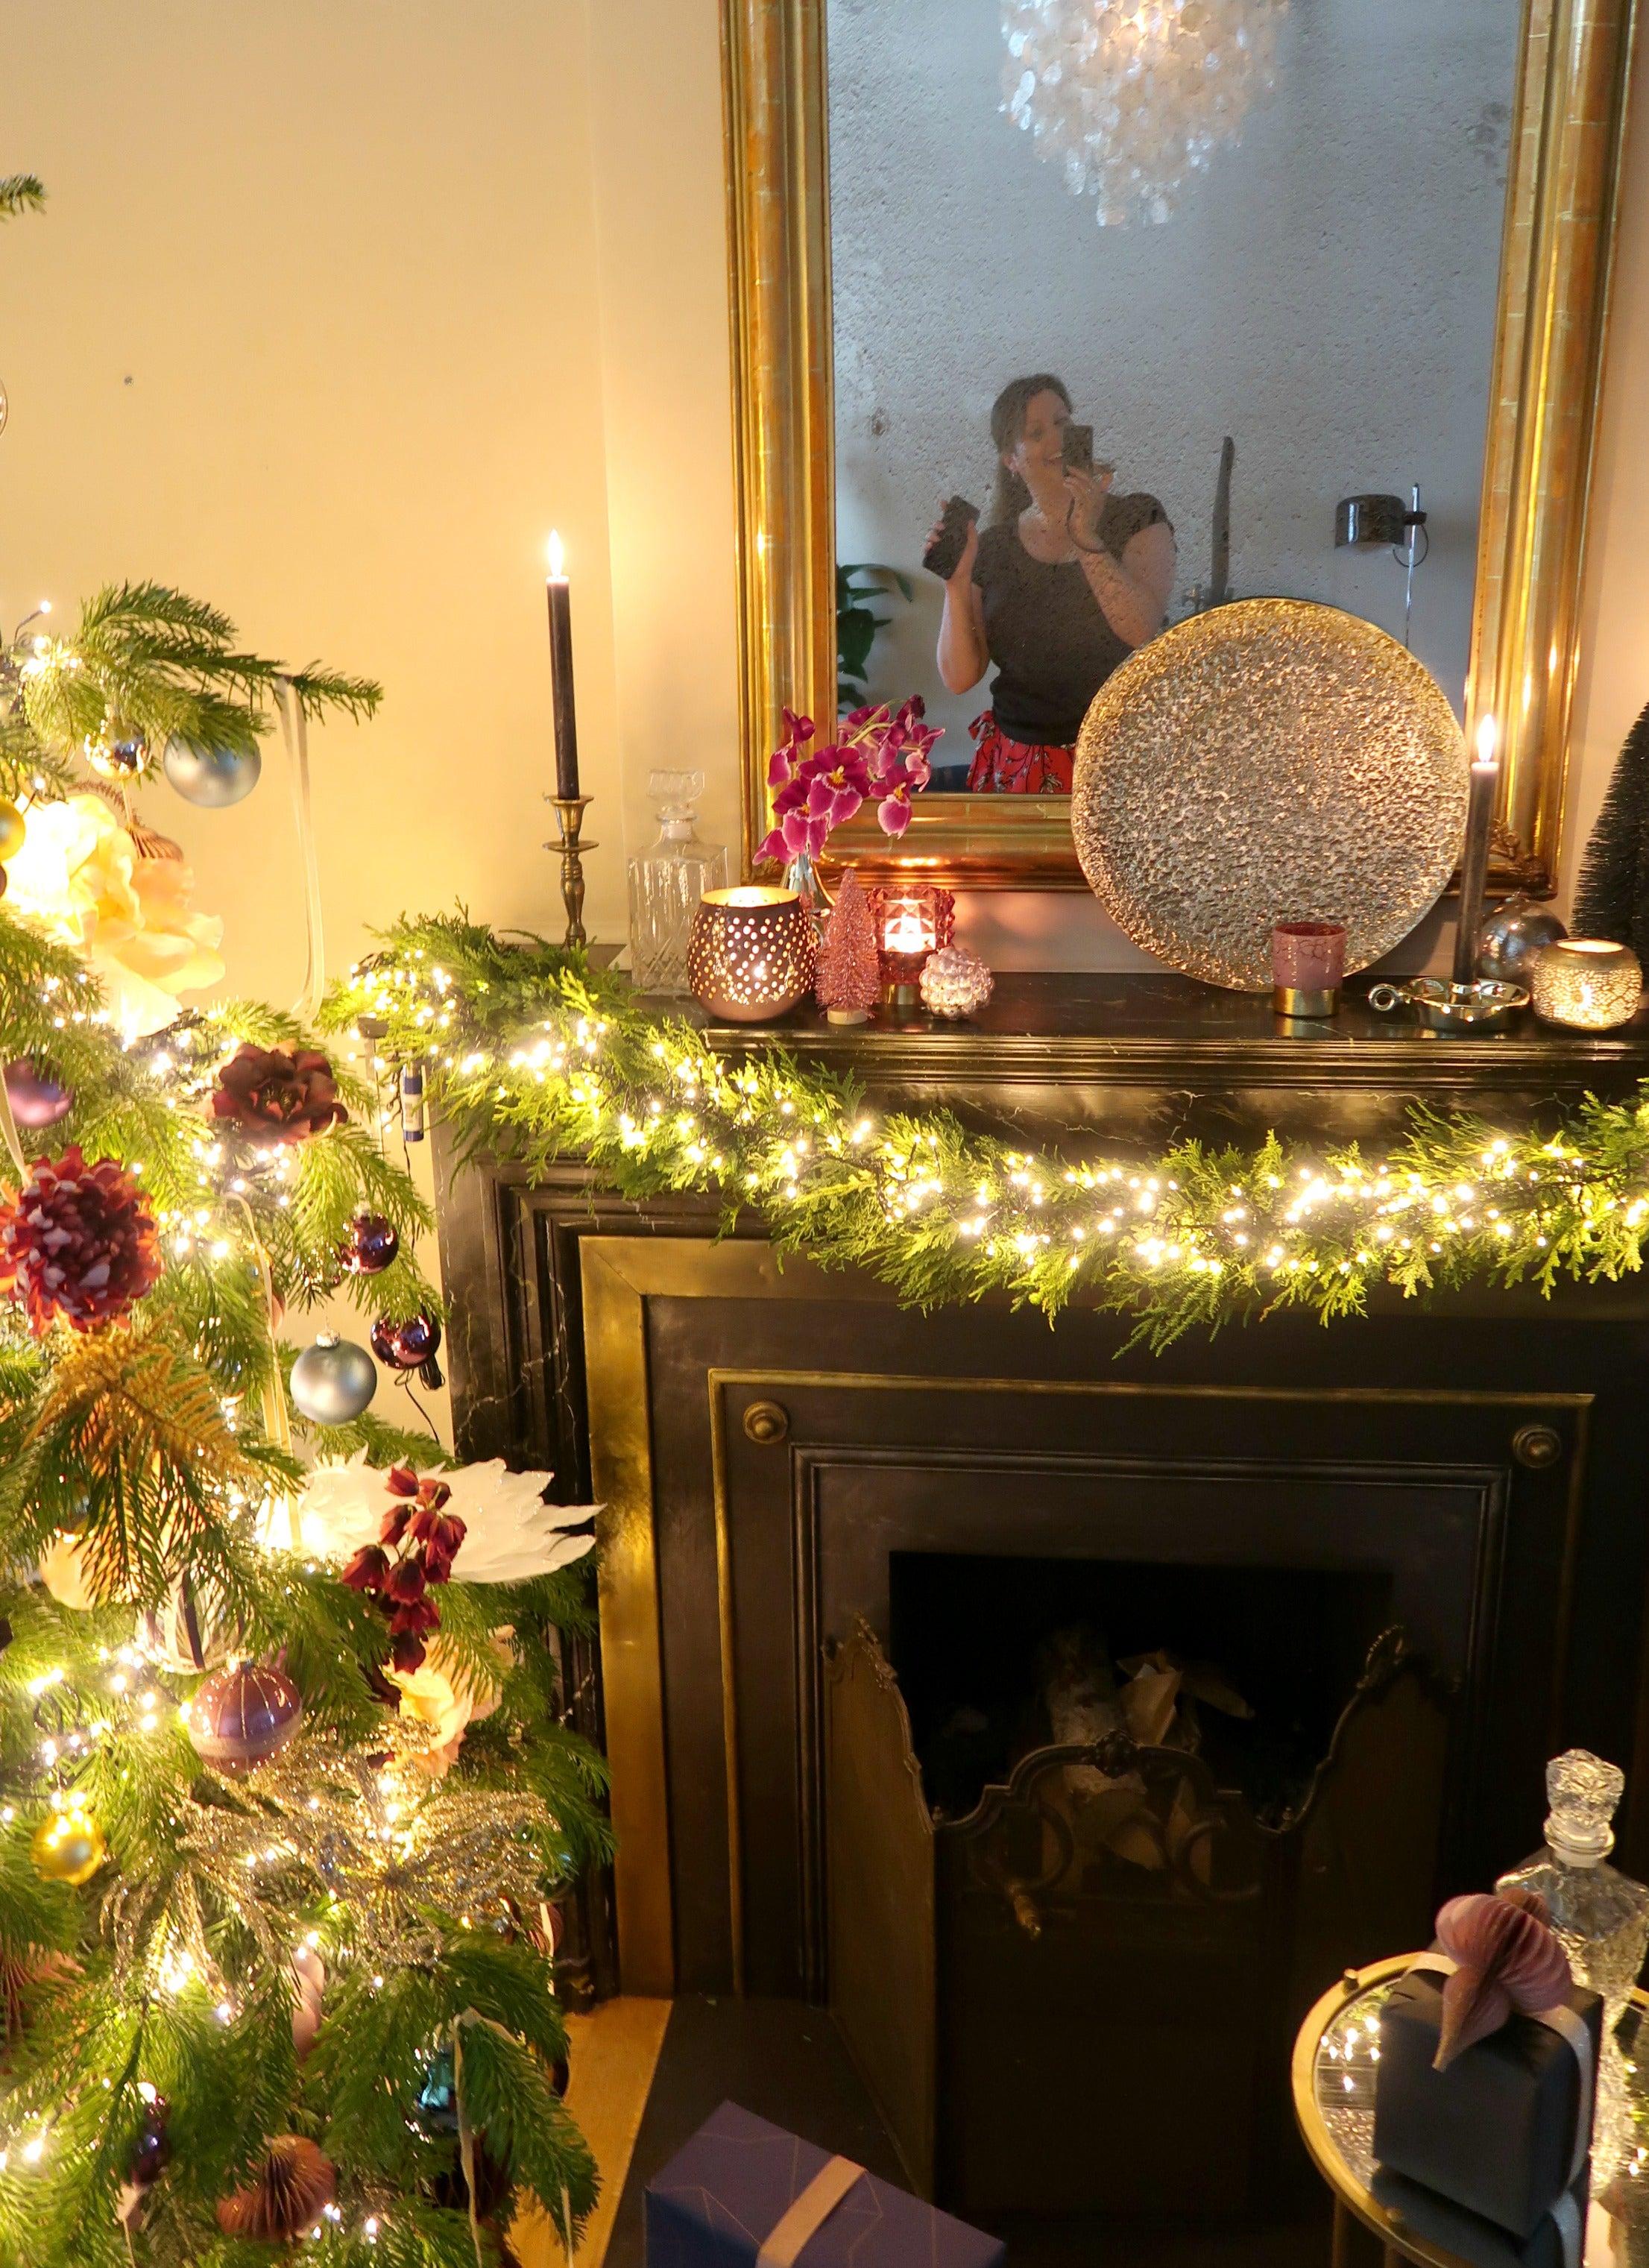 Kerst, kerstboom, kerstverlichting, kerstdecoratie, cadeautjes, kerstspecial, magazine, christmaholic